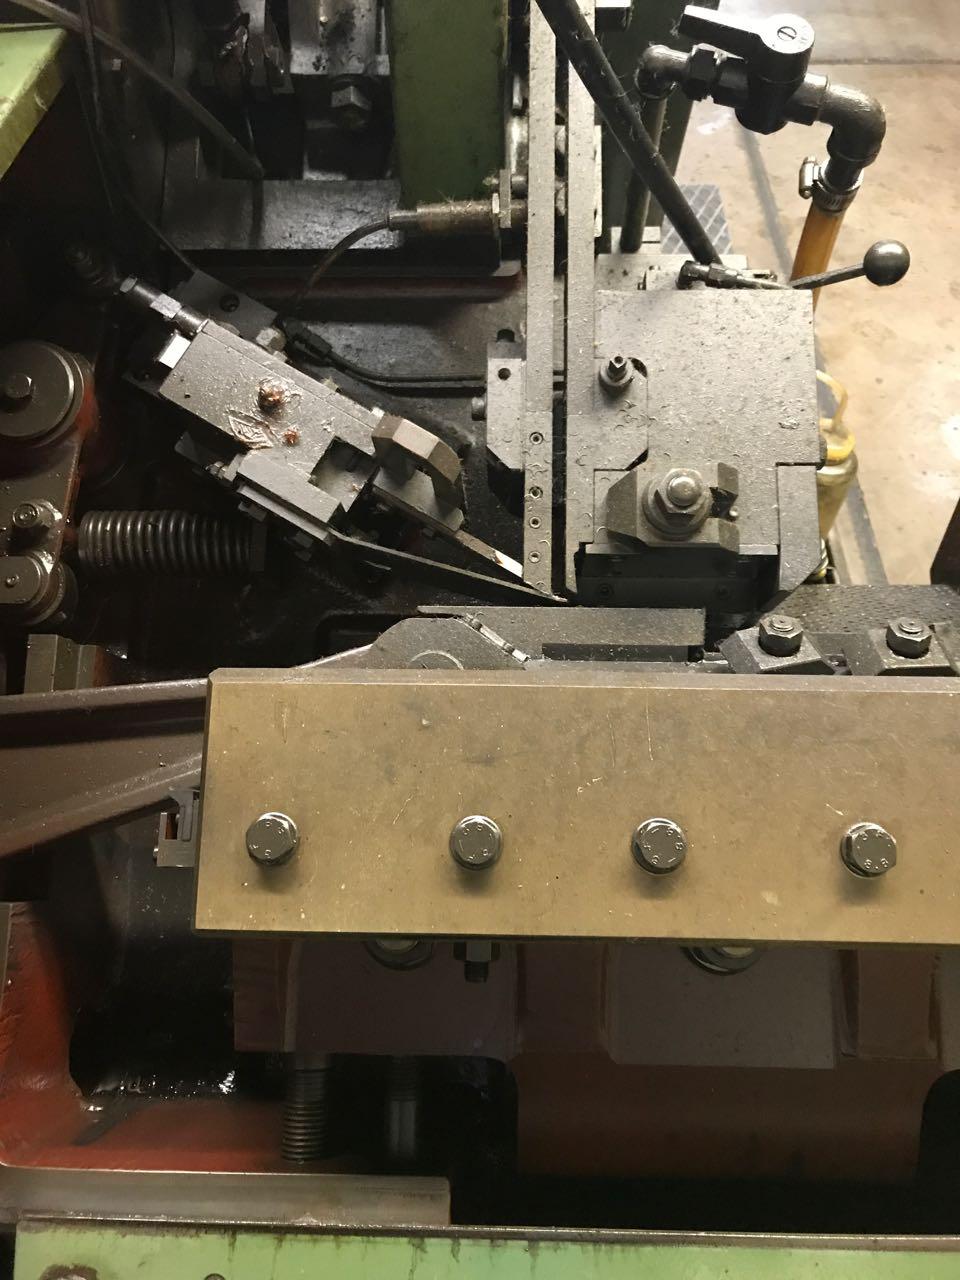 8mm Sacma  Model SP-27 4 Die High Speed Bolt Maker